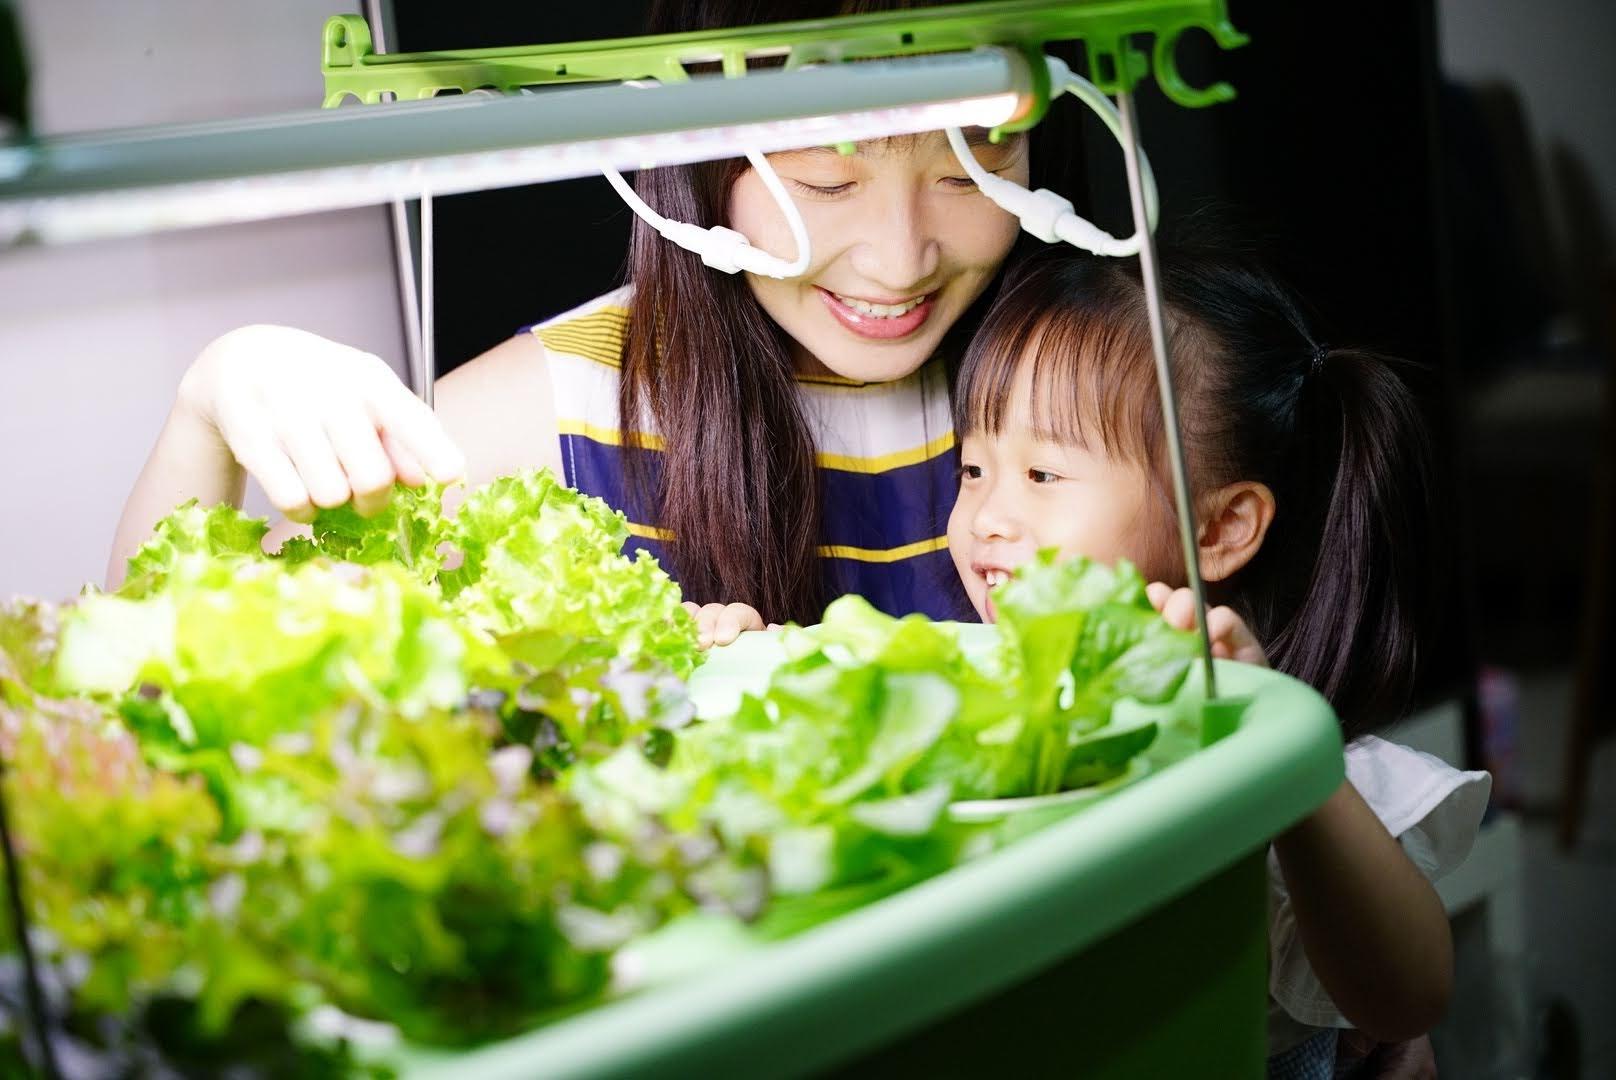 【綠色潮流】Lagoon Vish 家庭式魚菜共生 居家最美綠意  輕鬆打造環保健康的綠生活